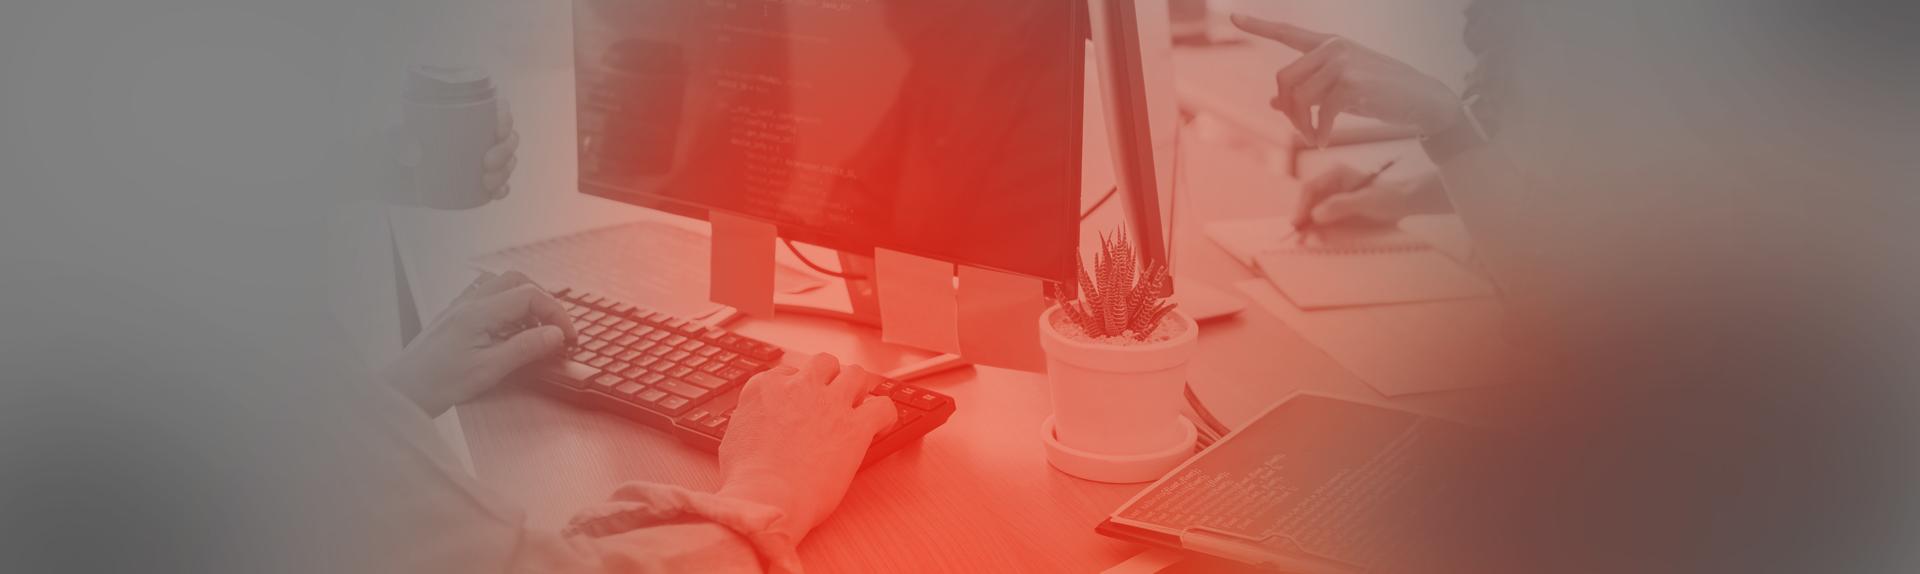 Conception de sites internet pour les entreprises et associations Toulousaines